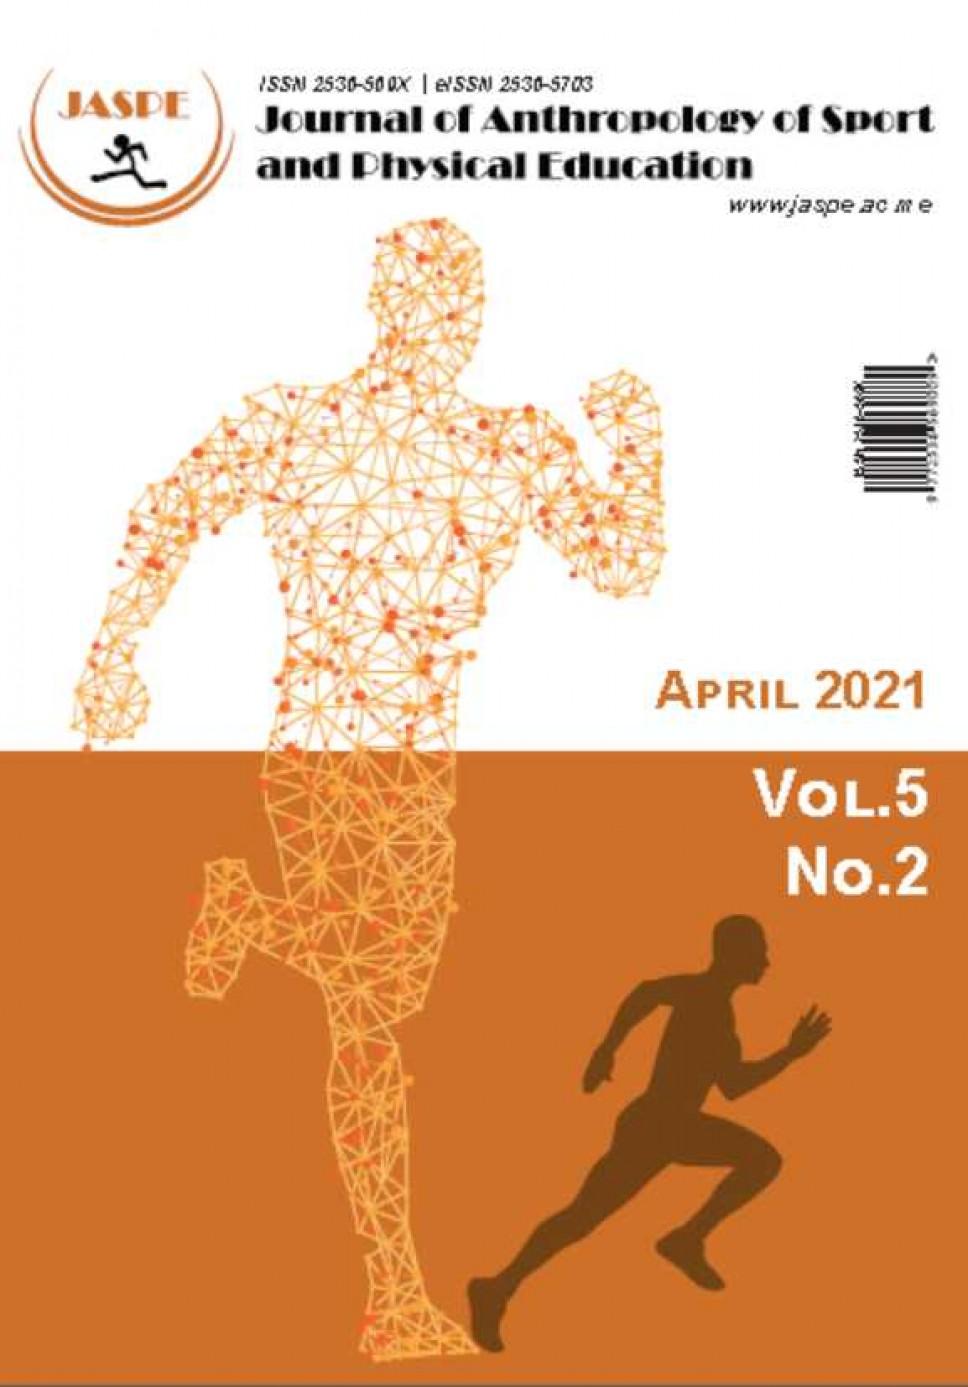 Novi broj časopisa JASPE: Tema i vježbe za problem bola u leđima